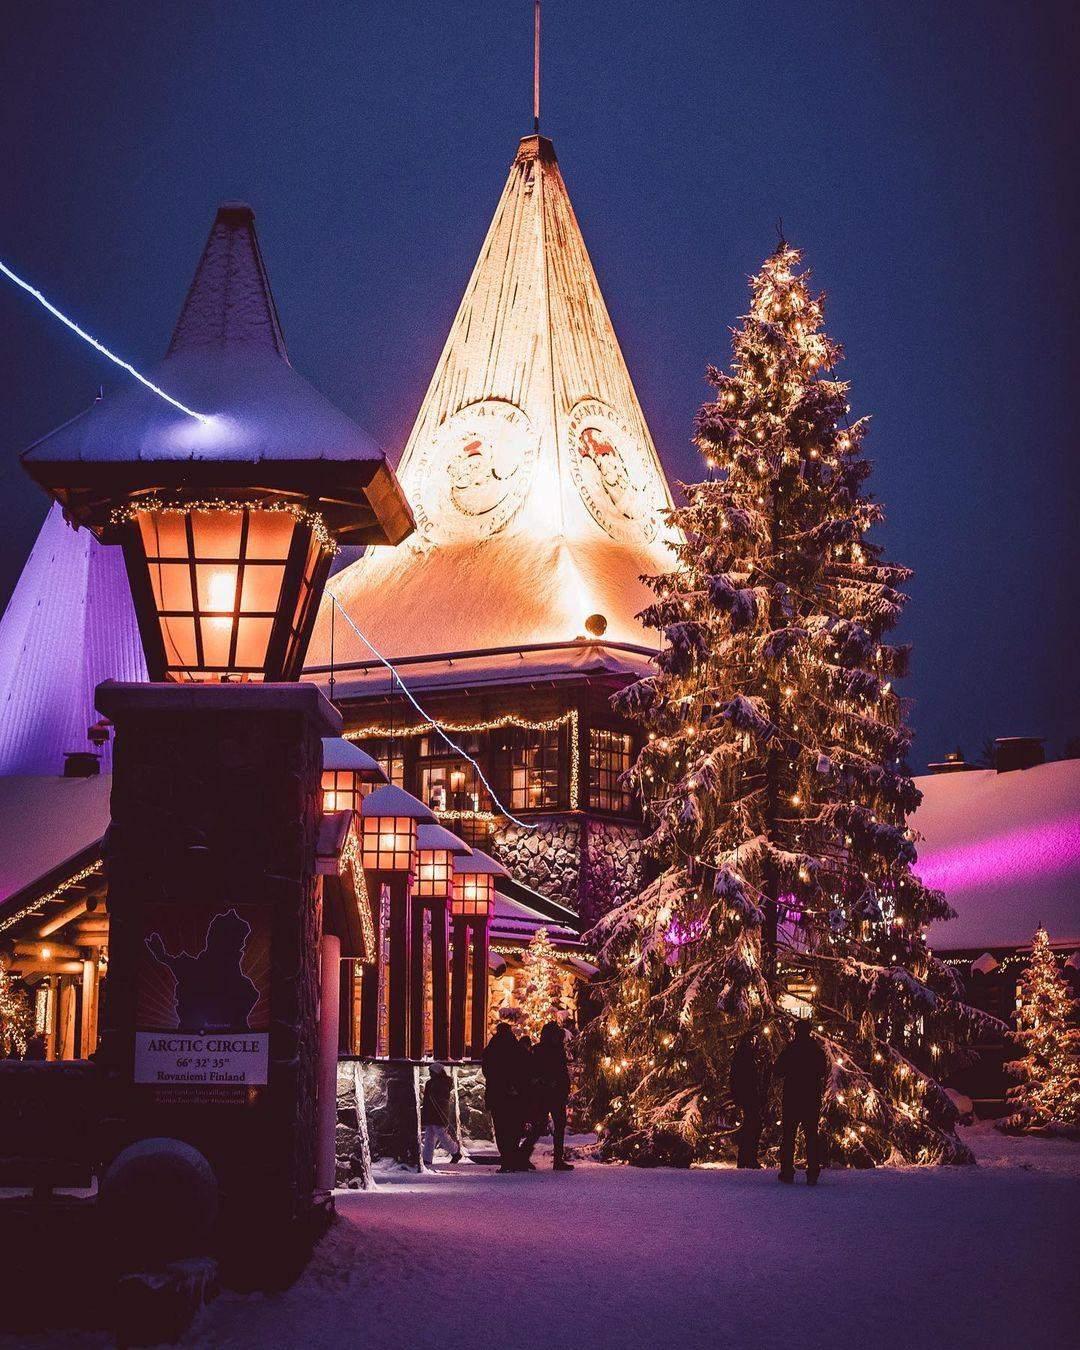 Святкова прогулянка / Фото christmashousesanta.fi